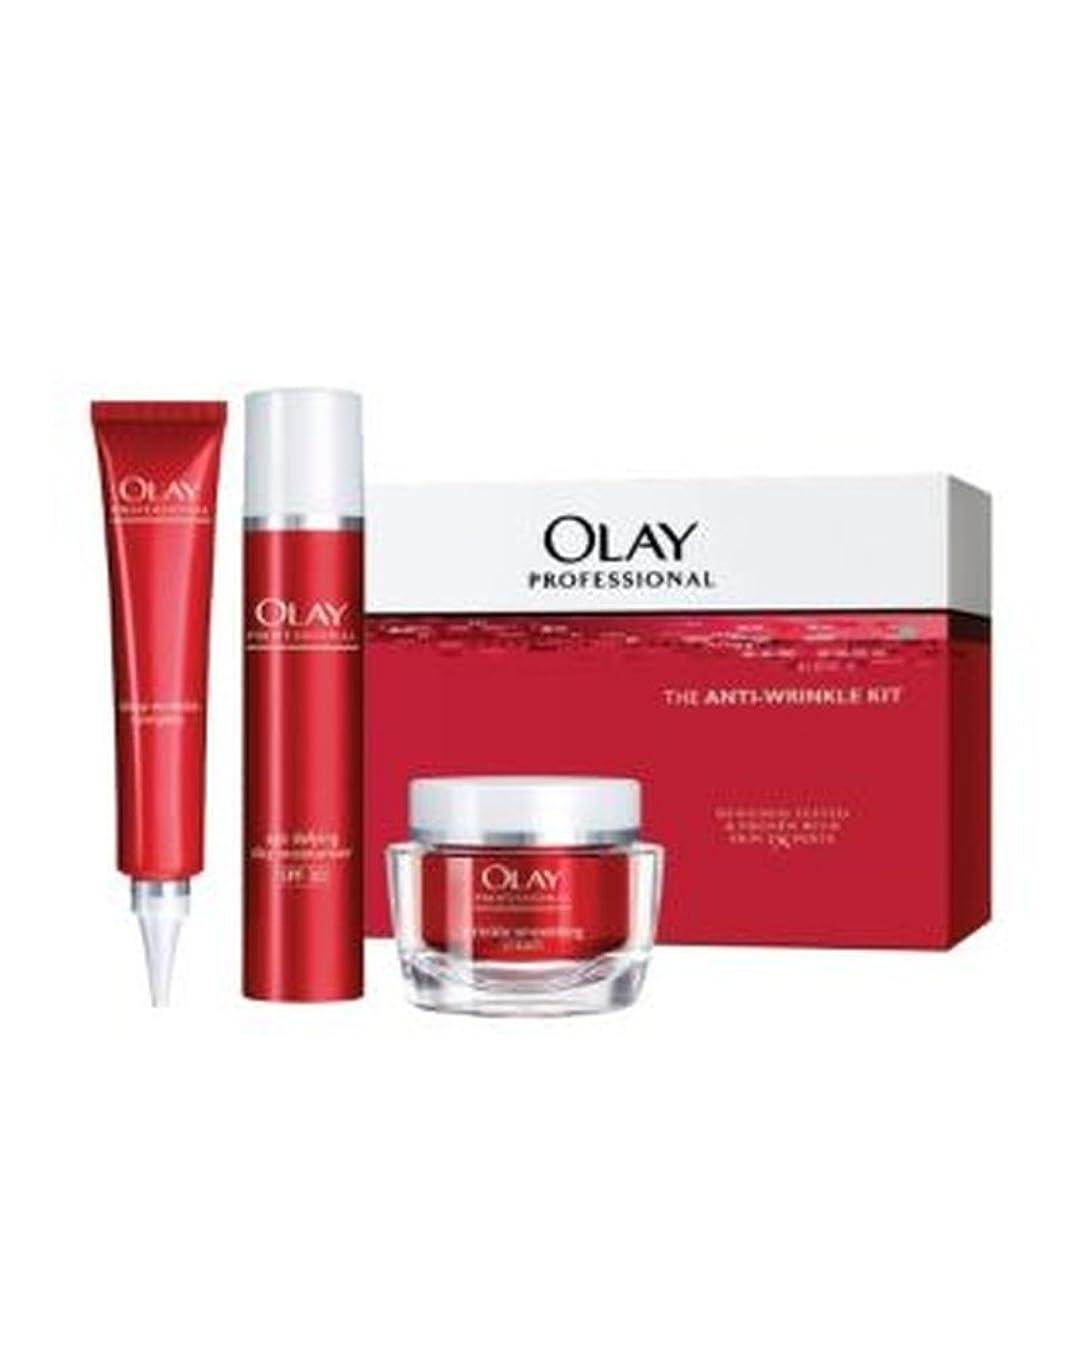 読みやすさ切る雄大なオーレイプロ抗しわキット (Olay) (x2) - Olay Professional Anti-Wrinkle Kit (Pack of 2) [並行輸入品]